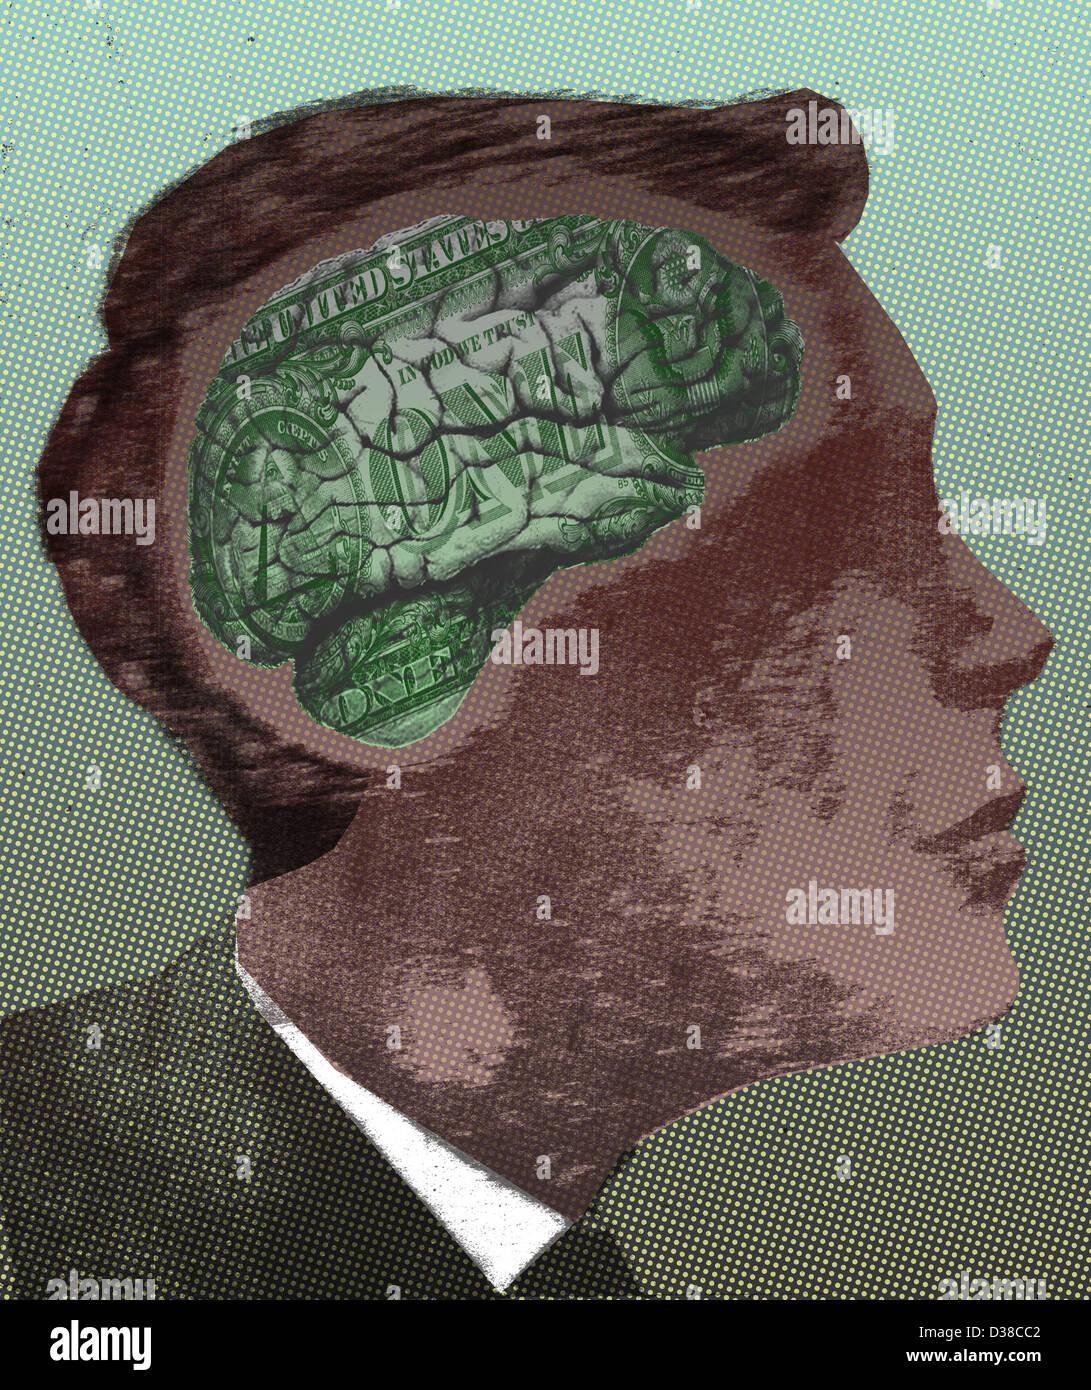 Image d'illustration de l'esprit d'affaires avec de l'argent qui représente la pensée Photo Stock